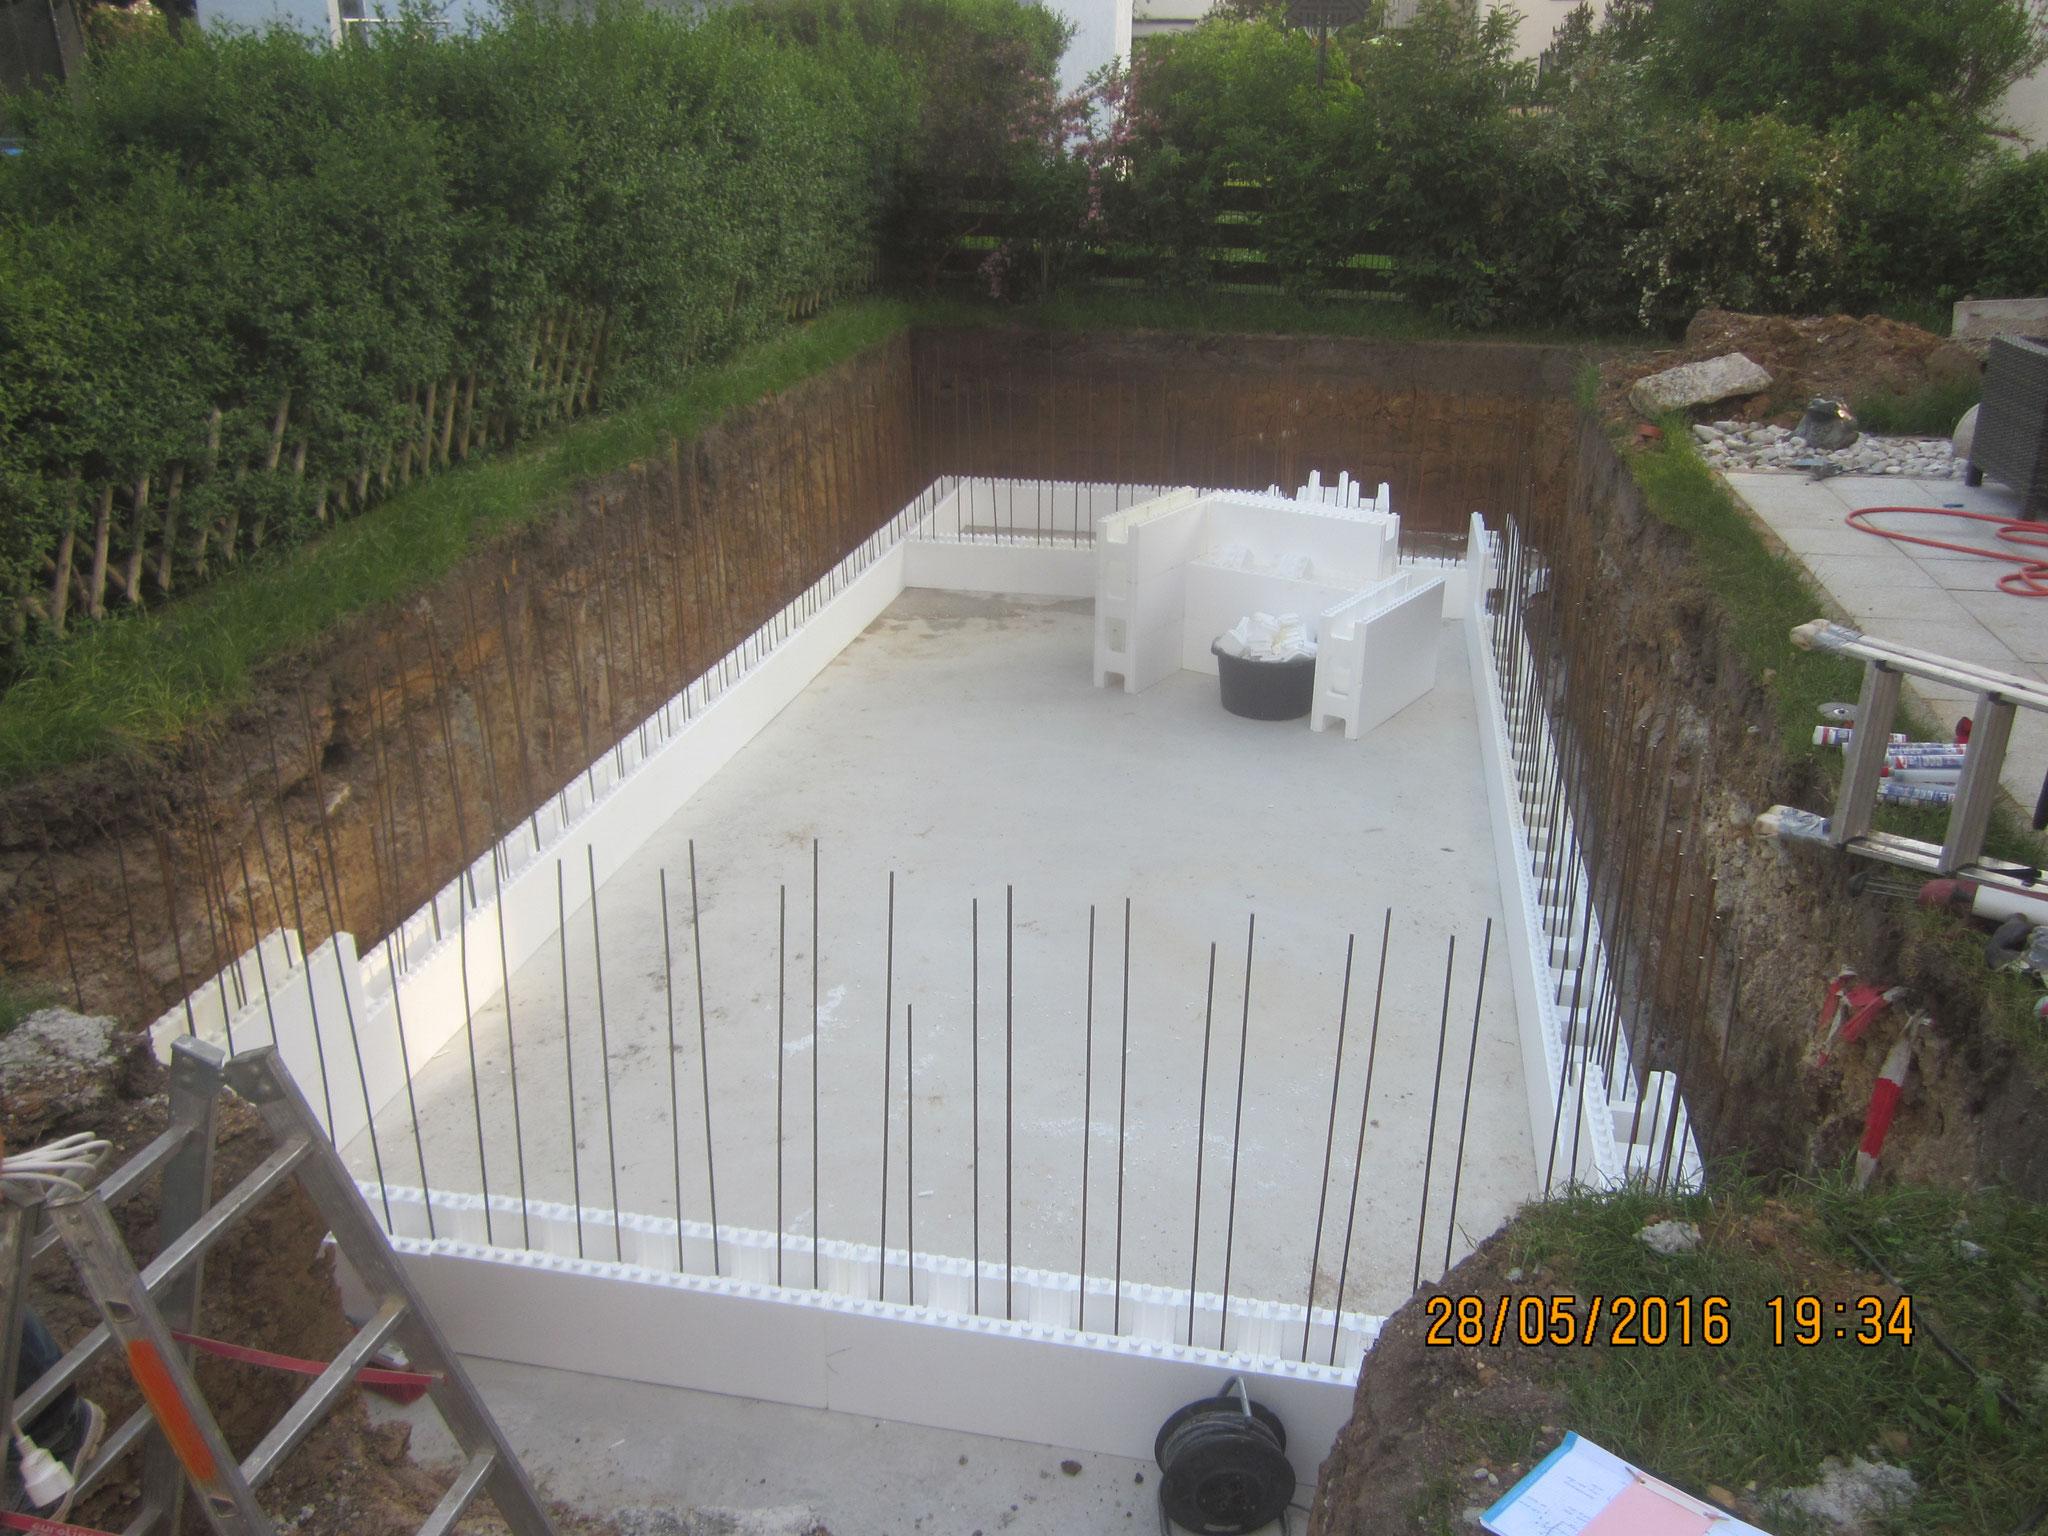 Die senkrechte Armierung ist eingebracht, jetzt beginnt das eigentliche Hochmauern des Pools und Einbringen der Anbauteile im Pool...